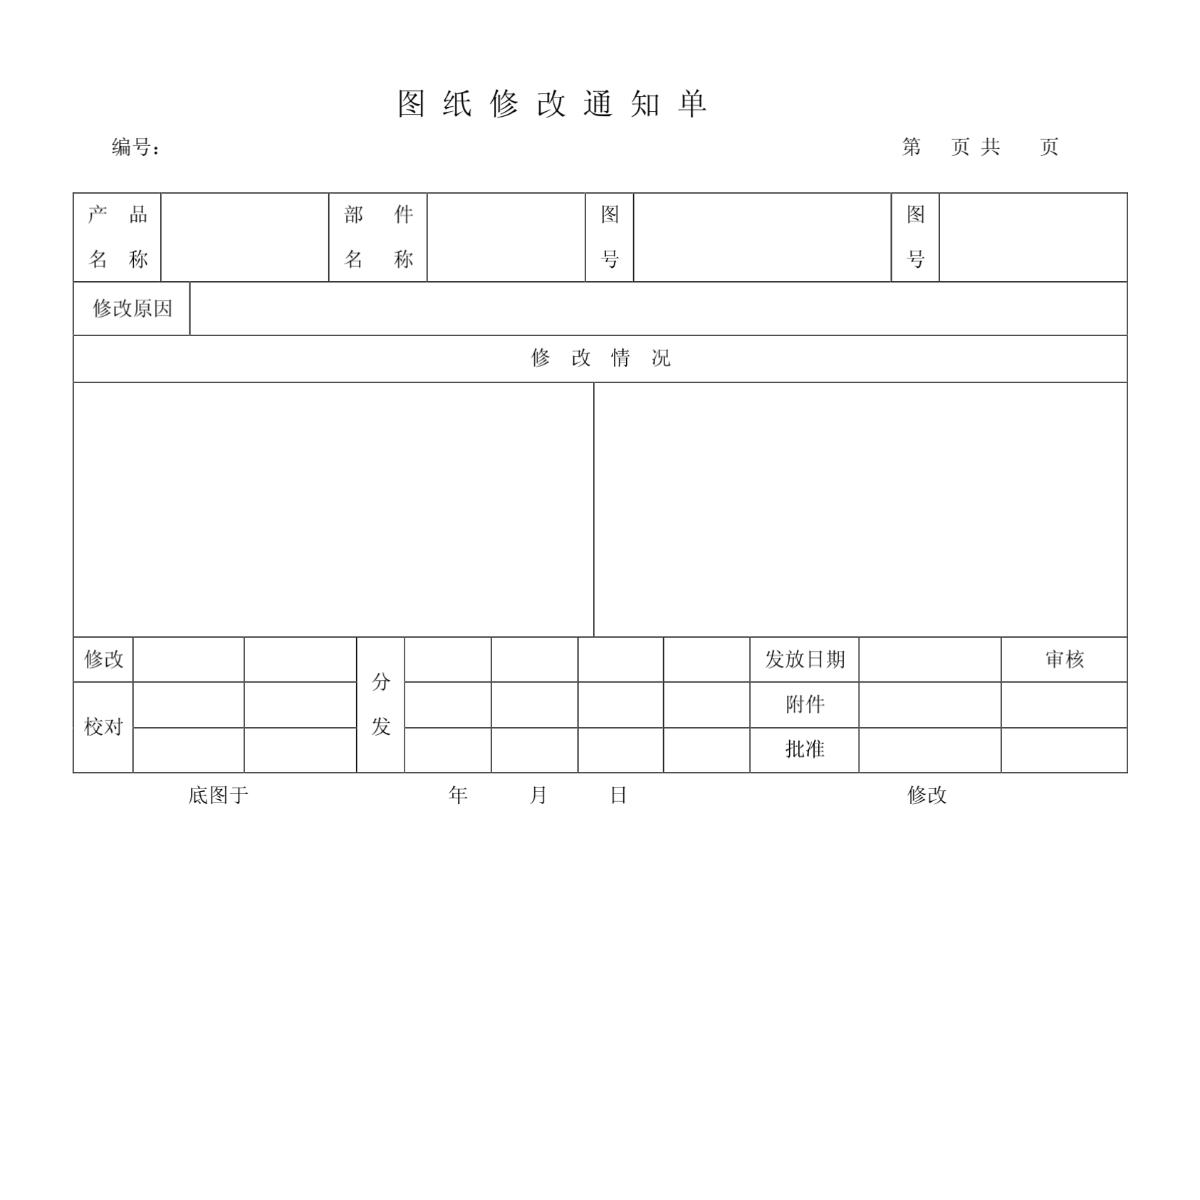 [小学]图纸更改制度-图2